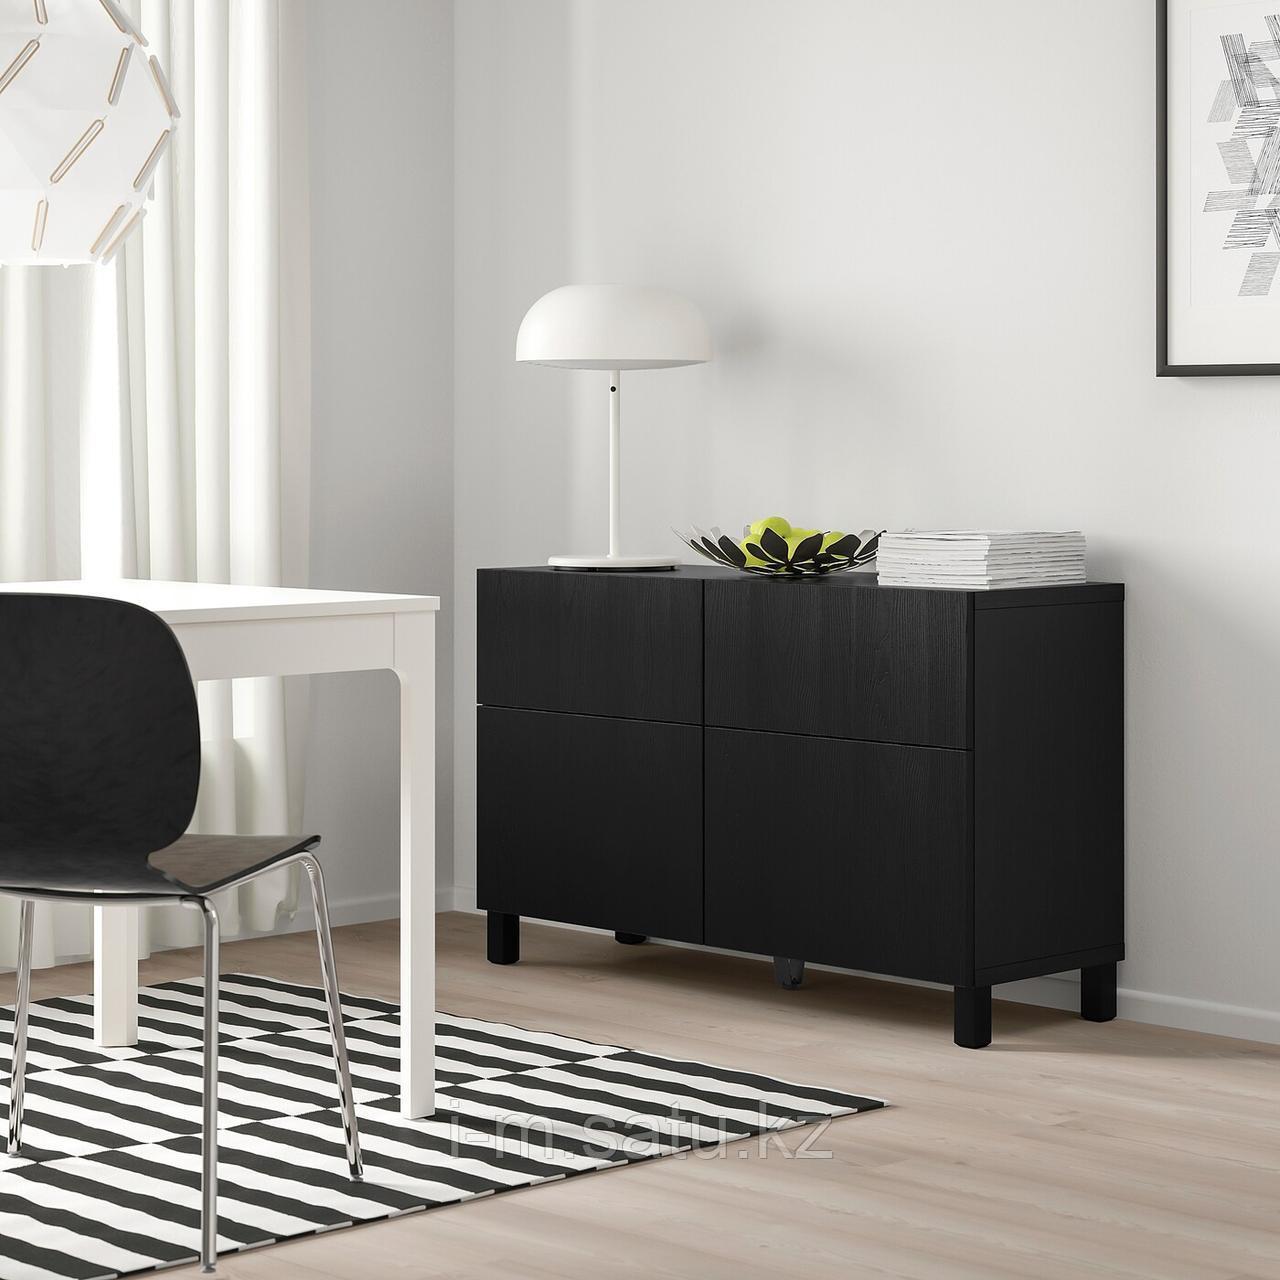 БЕСТО Комб для хран с дверц/ящ, черно-коричневый, тиммер/стуббар черный, 120x42x74 см